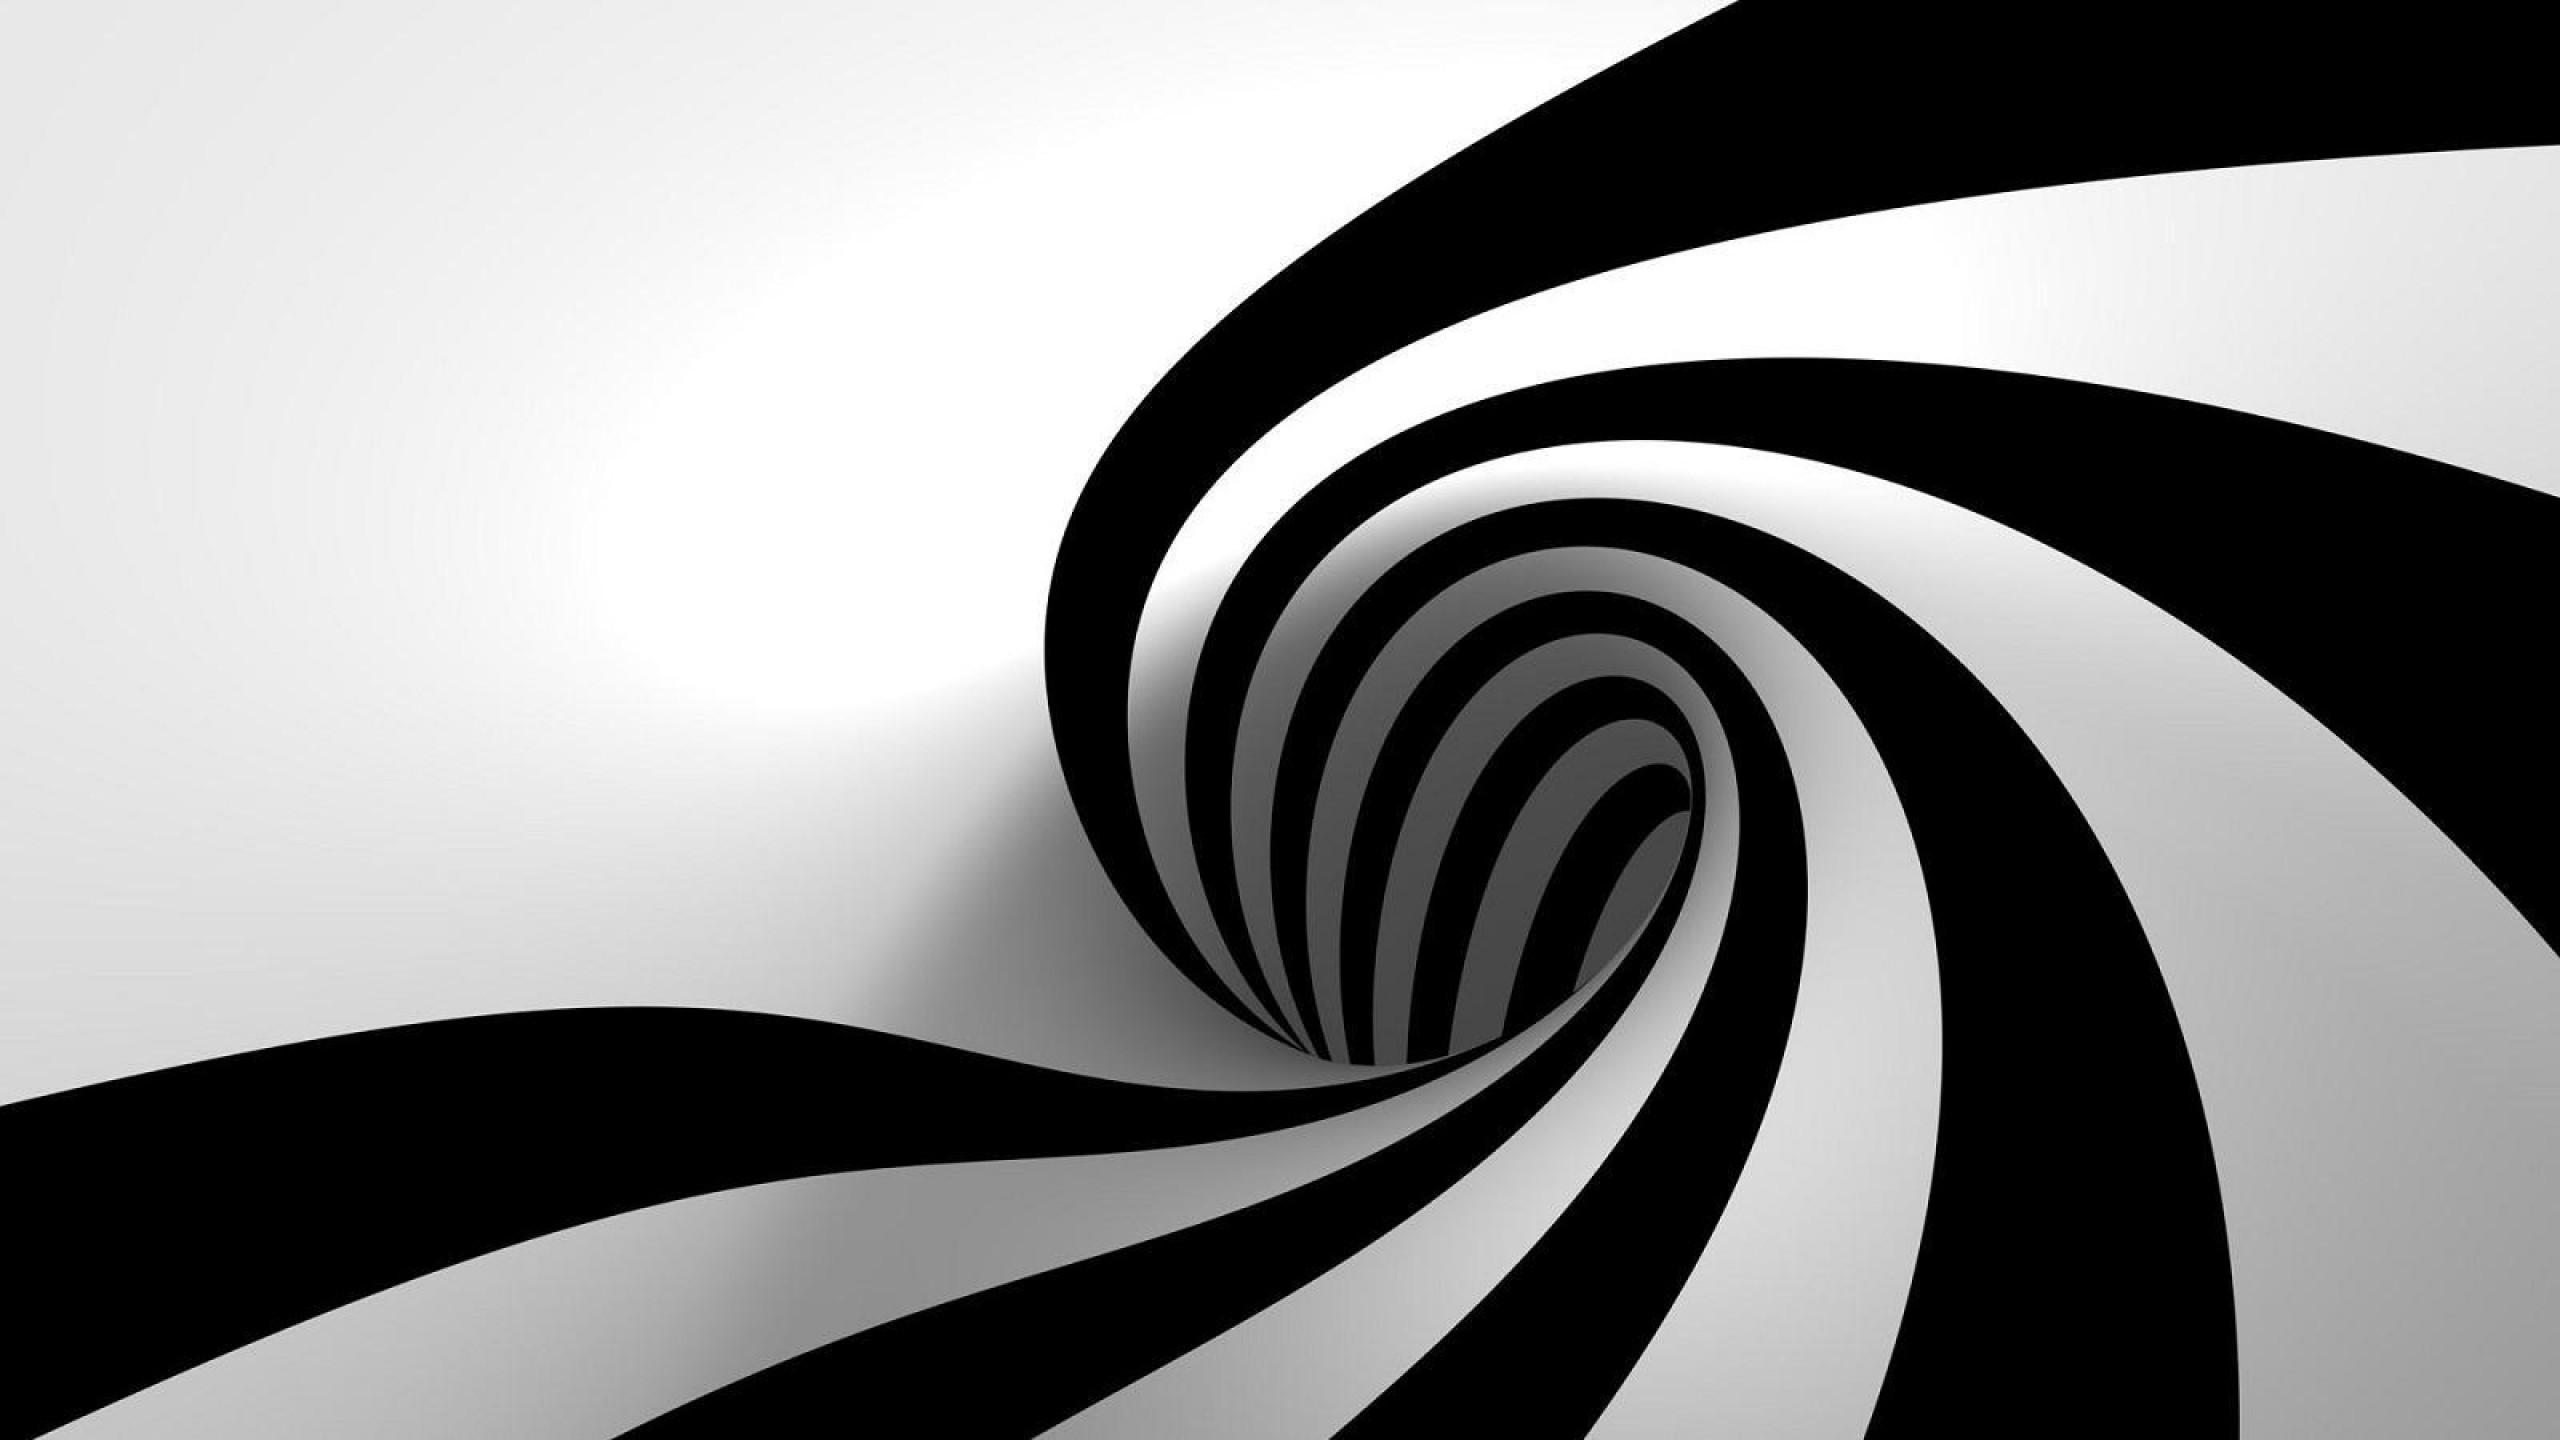 Explore Black And White Design, White Art, and more!